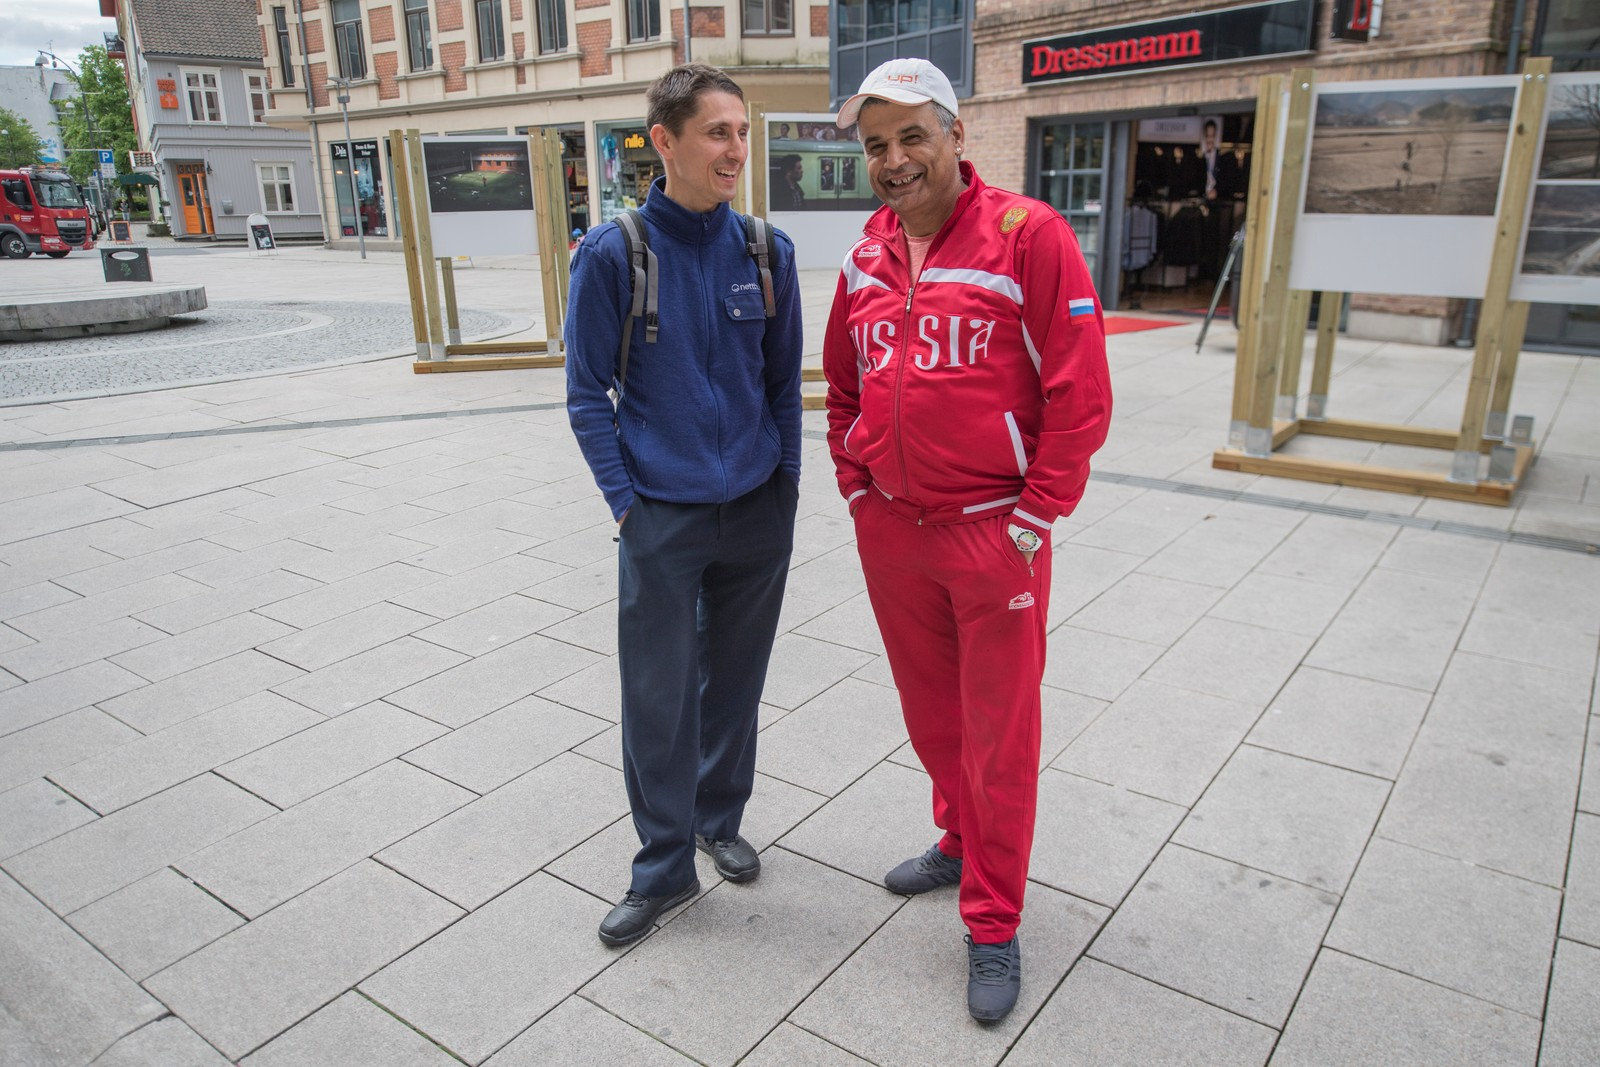 Polske Dominik Kumela og Mounir Ayari, opprinnelig fra Tunisia, er begge skjønt enige om at Fredrikstad er en attraktiv by. De koser seg i sentrum, og håper det blir bedre parkeringsmuligheter i byen. Da kommer enda flere til å være og shoppe i sentrum